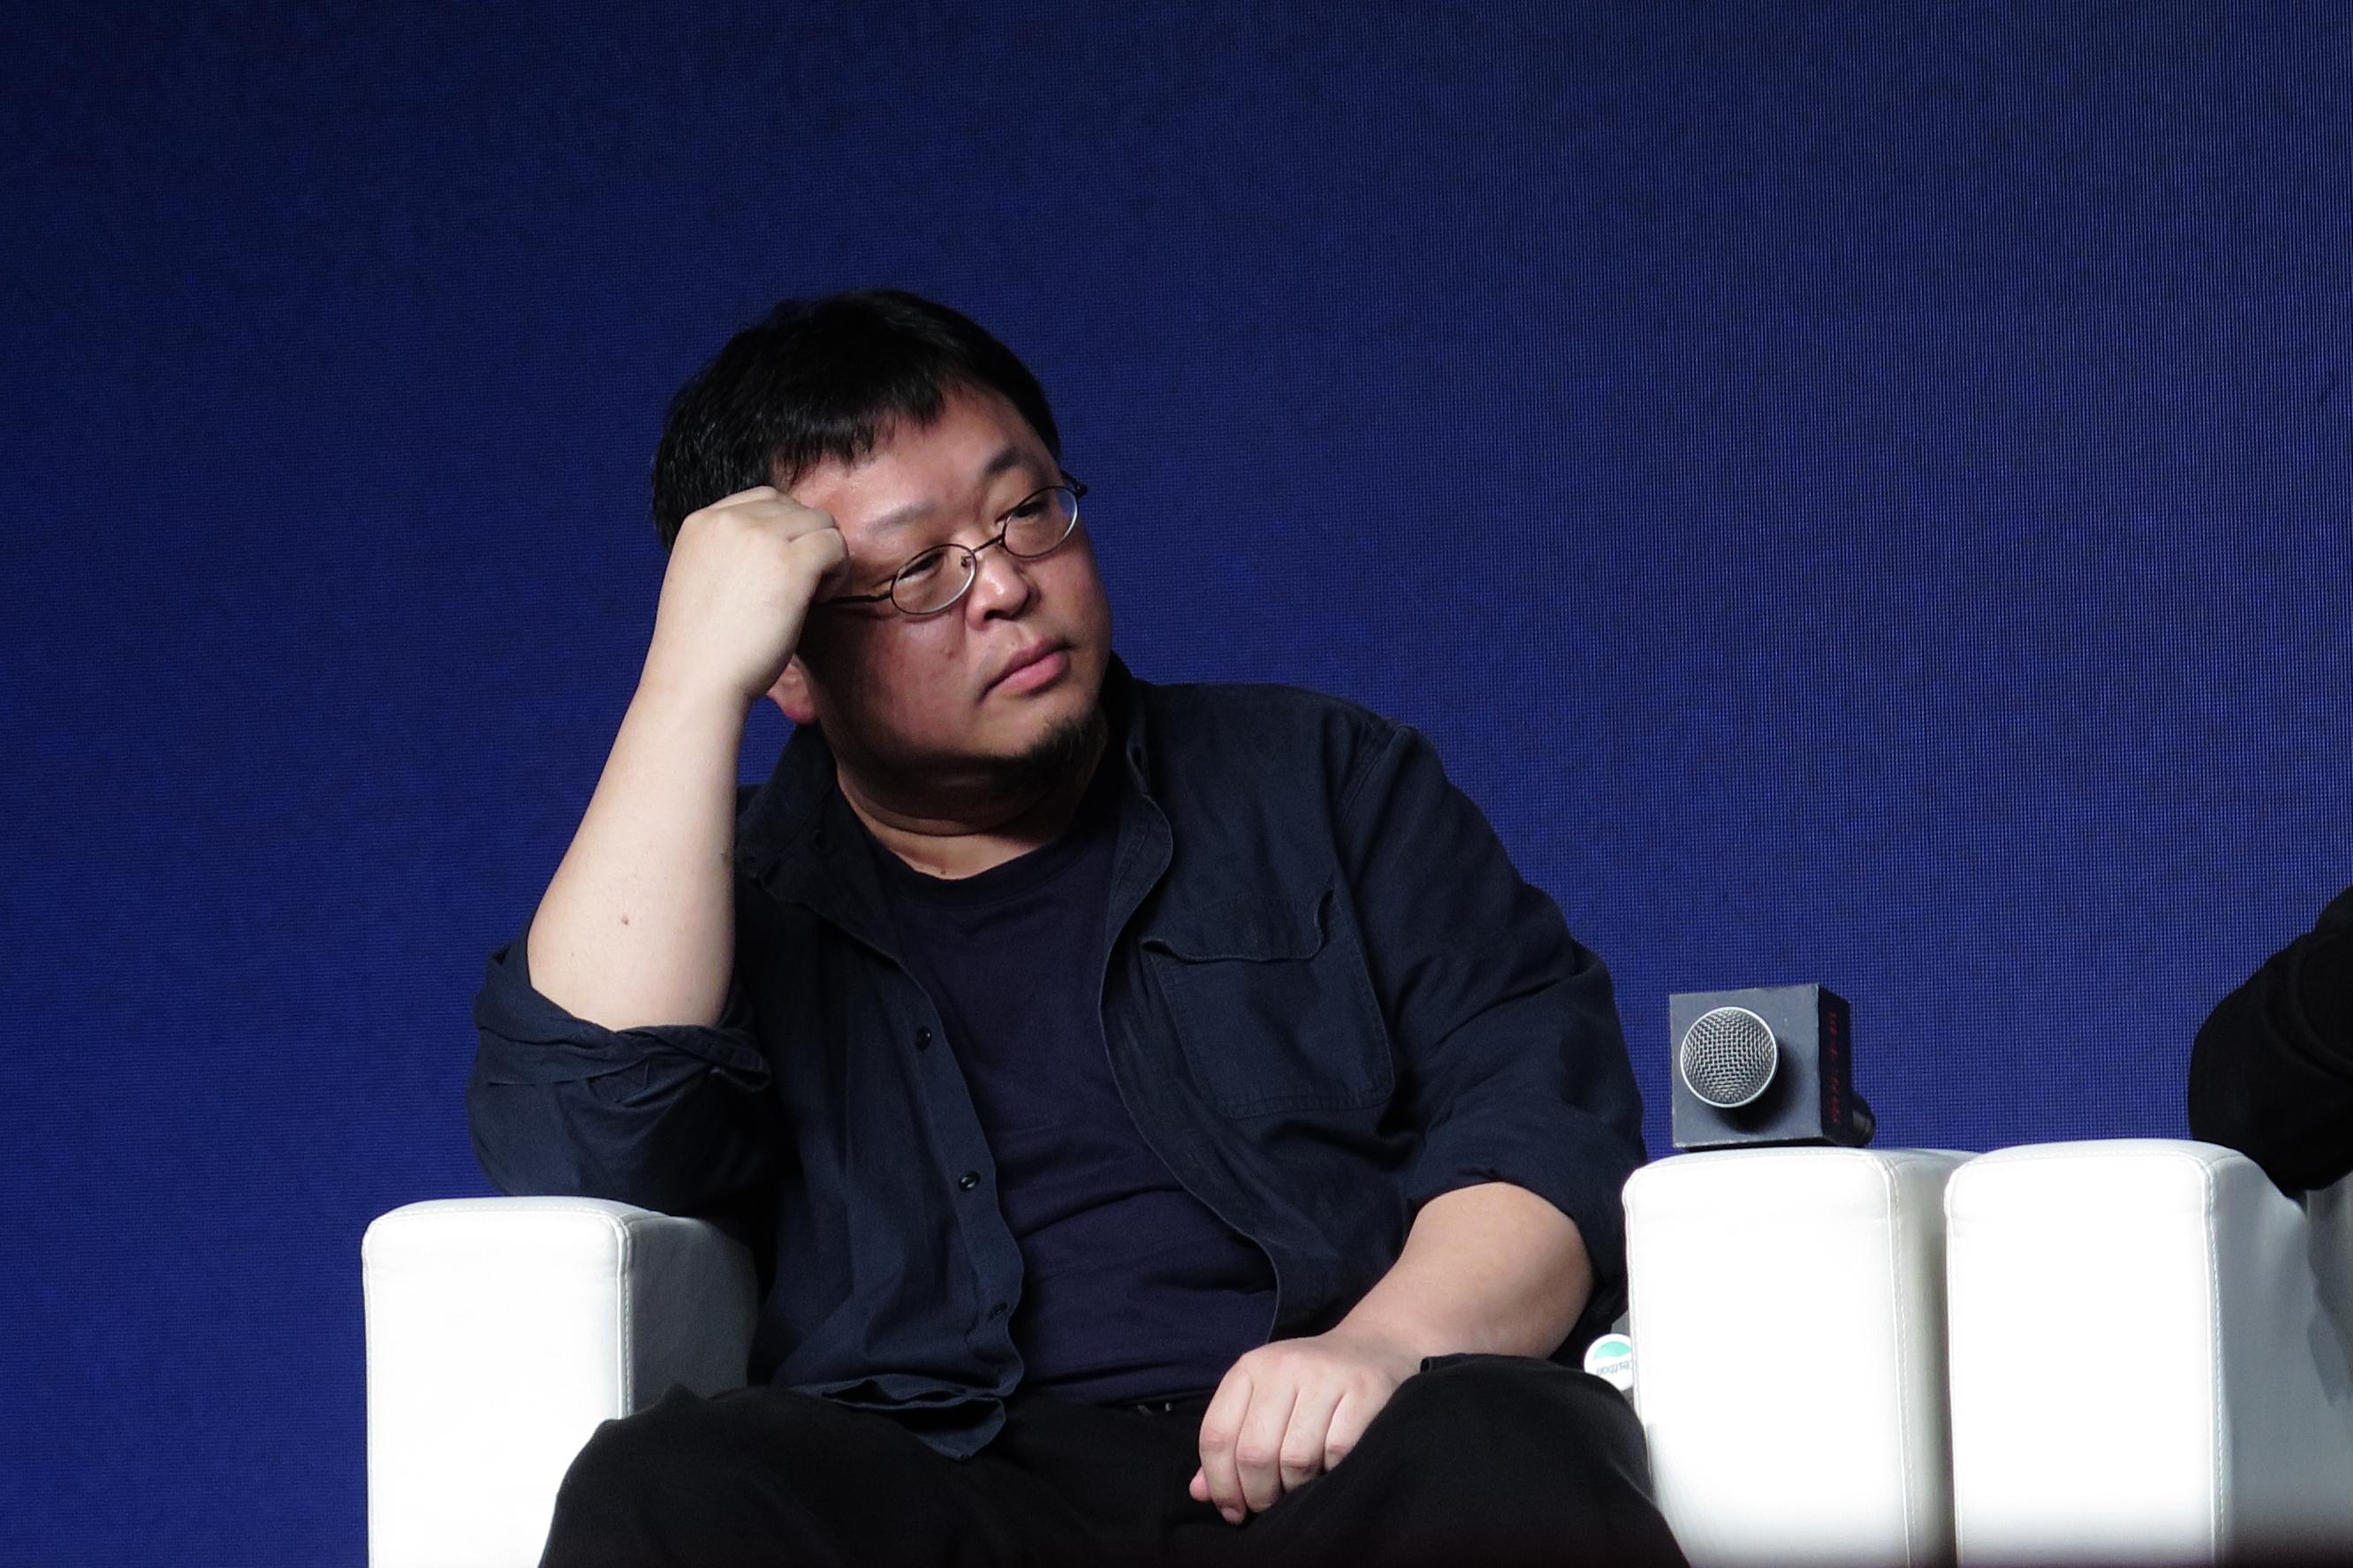 罗永浩卸任:曾有过轻生念头